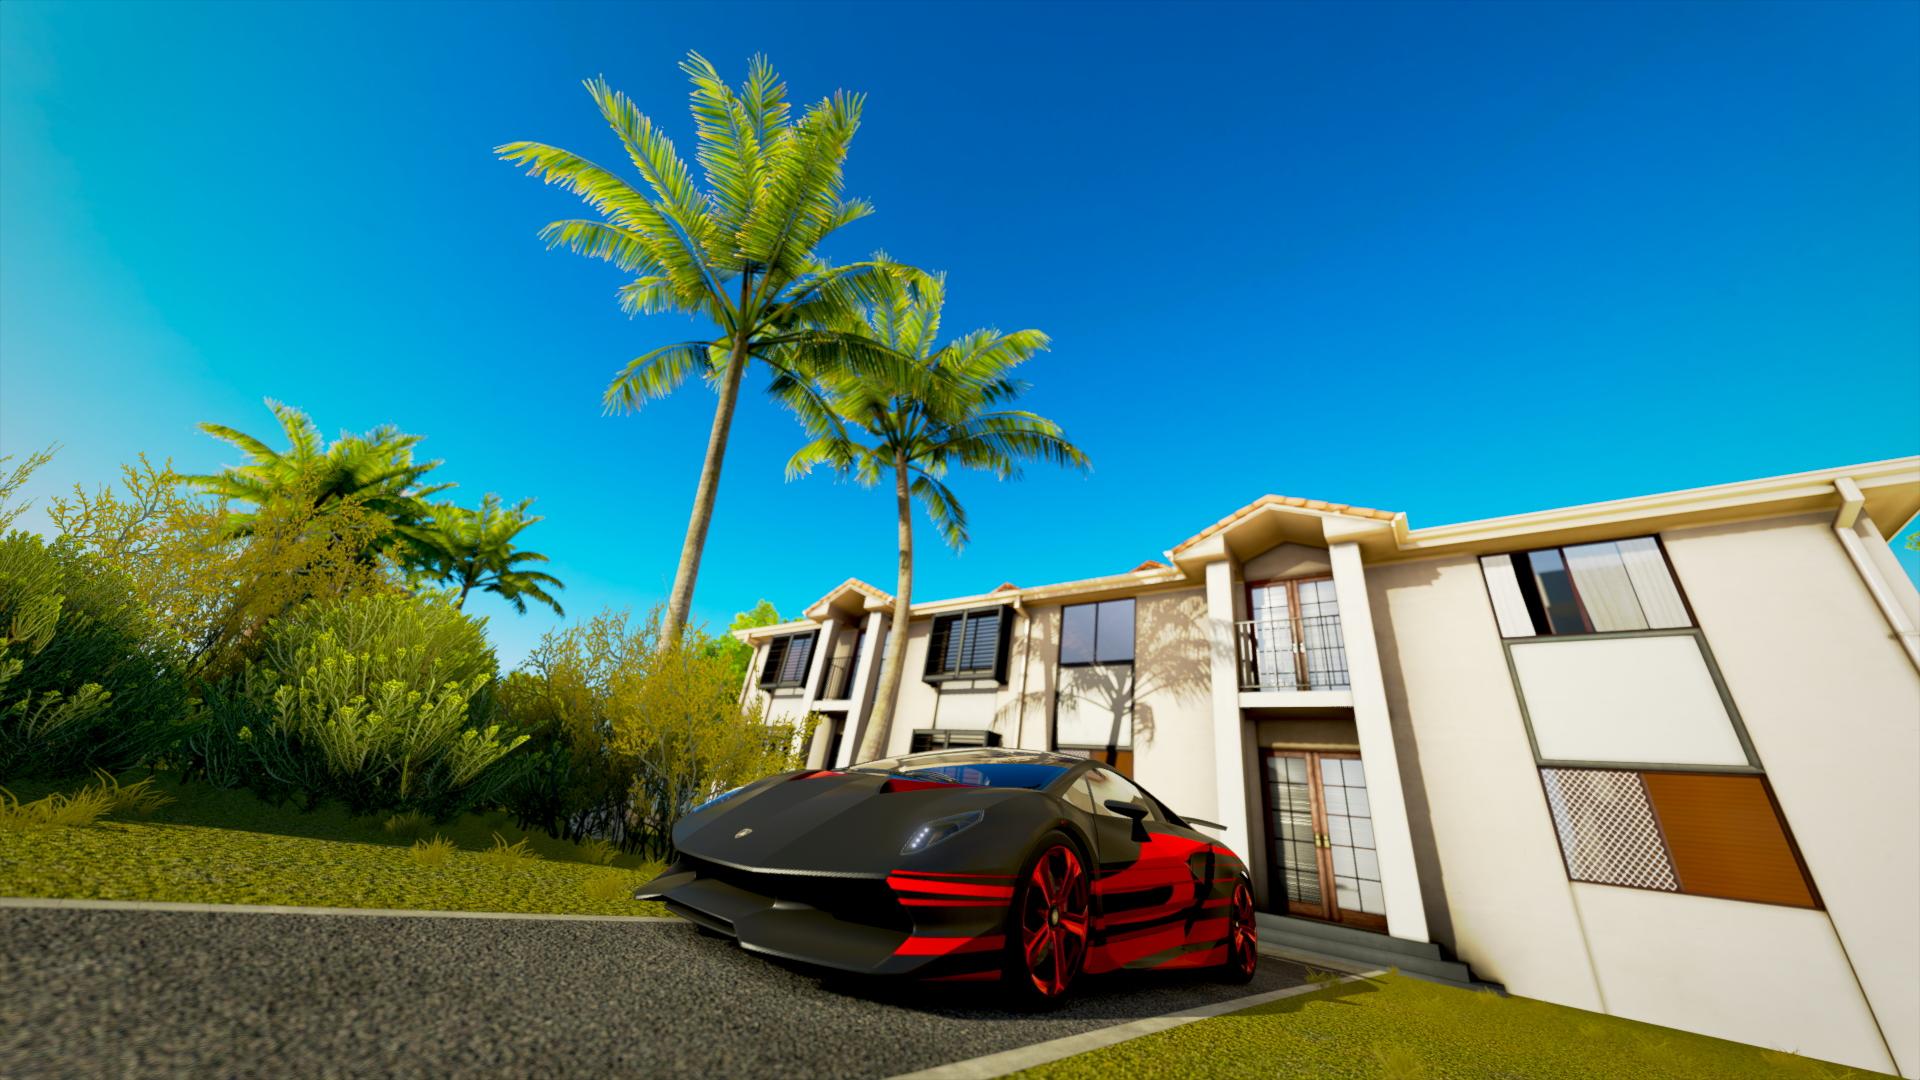 FH Tropical House